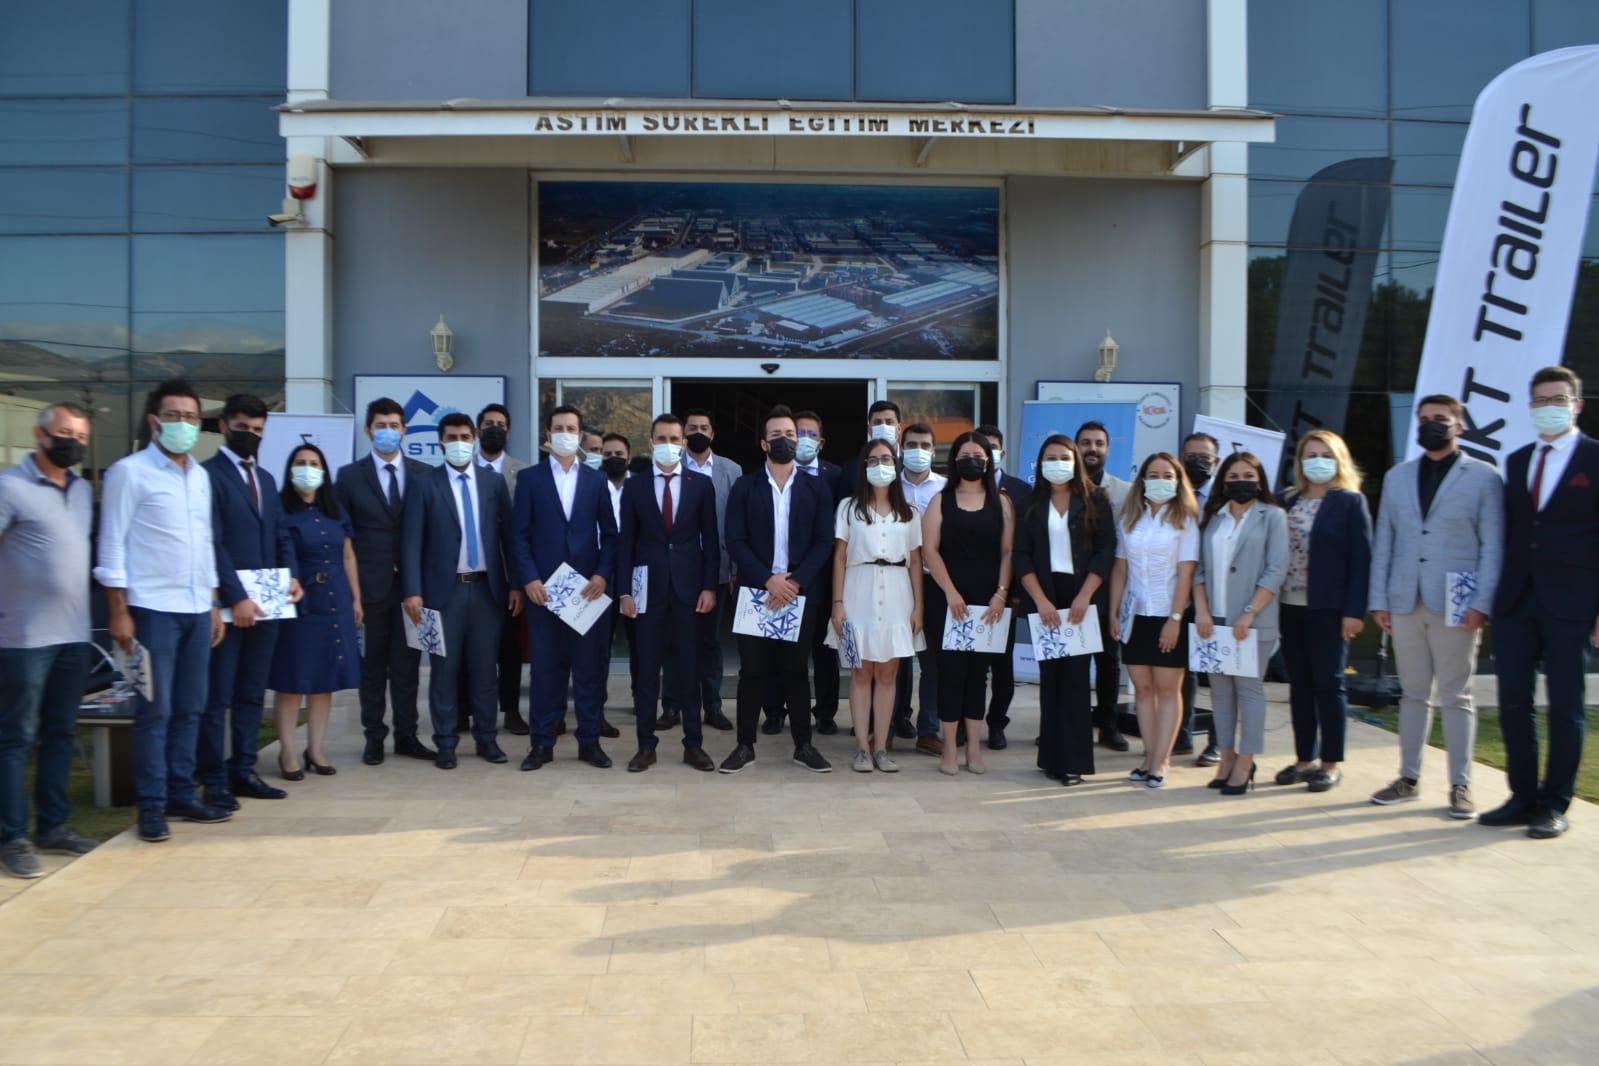 Aydın'da Kurslarını Başarıyla Bitiren Katılımcılara Sertifikaları Verildi